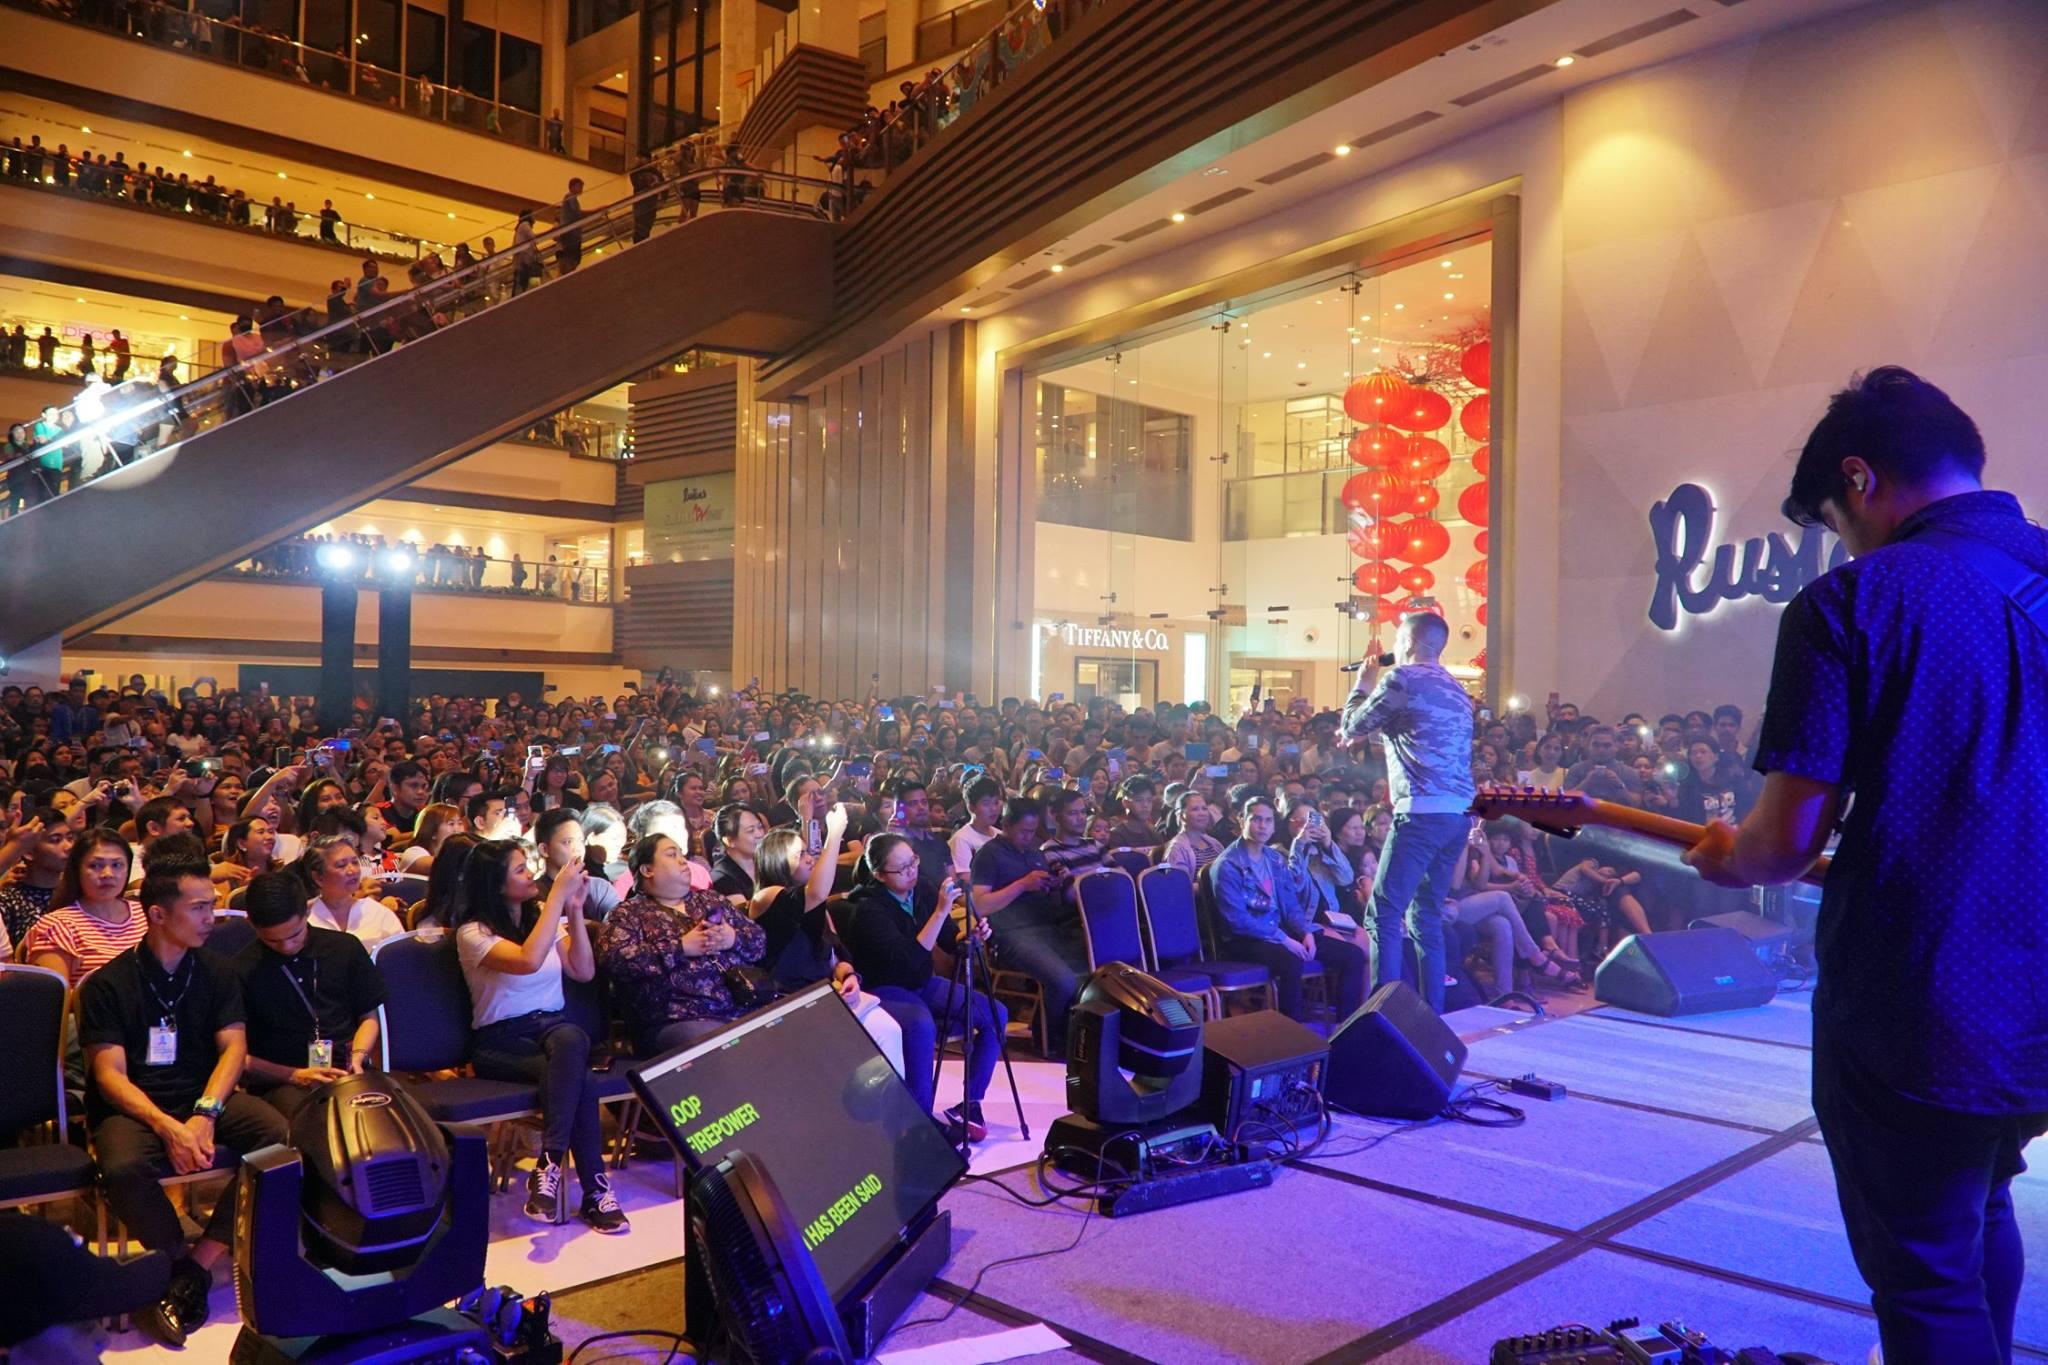 A man singing at a Shangri-La Plaza event